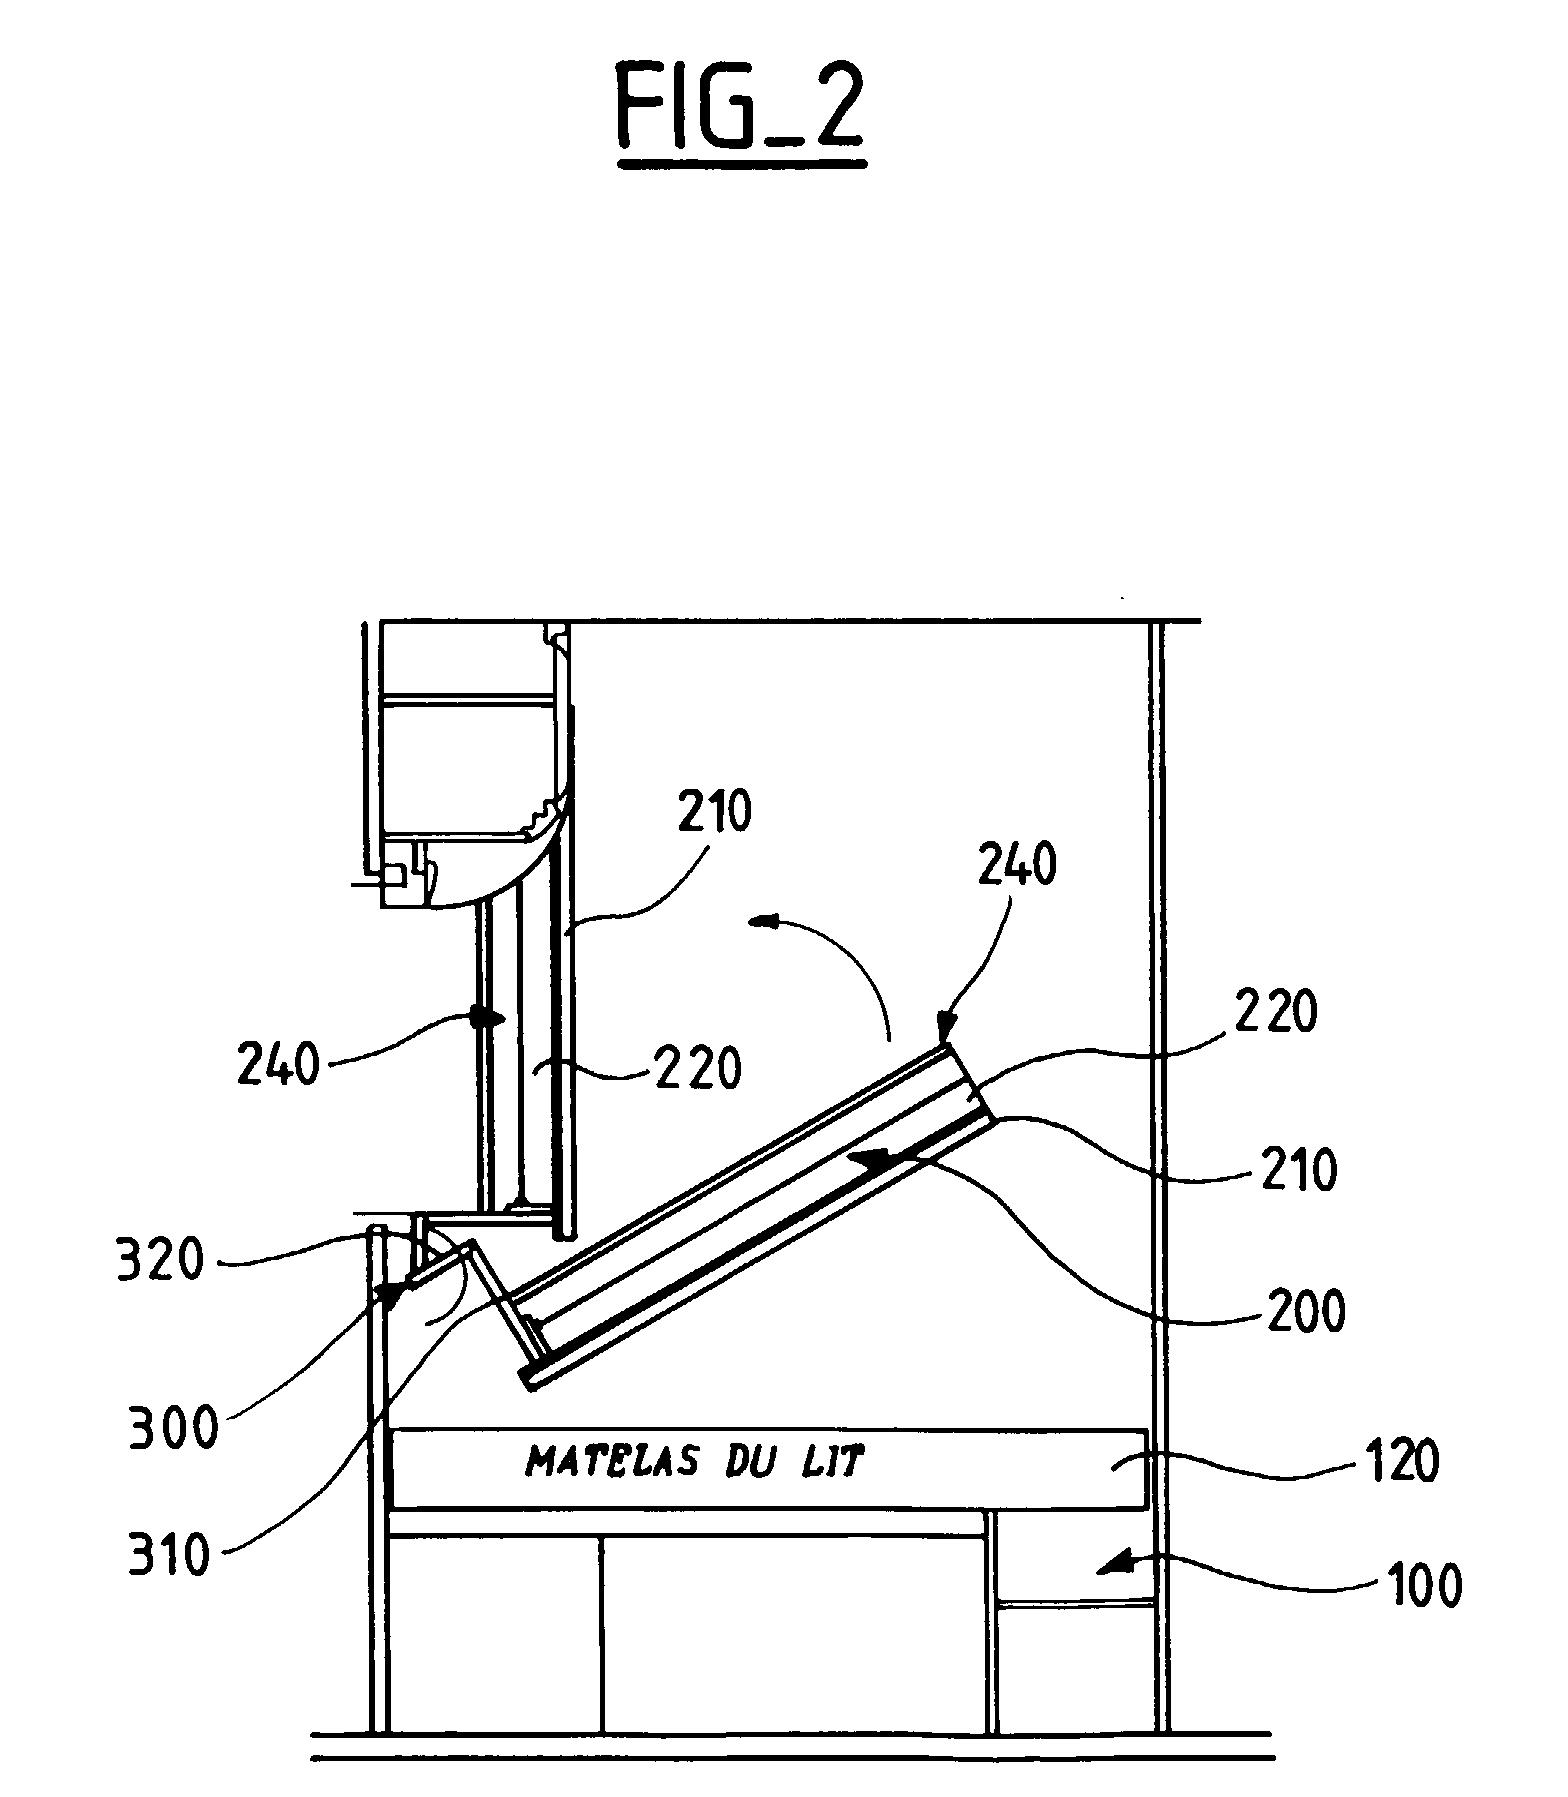 Patent ep1070630a2 banquette lit pour caravanes structure pivotante goo - Quelle epaisseur pour un matelas ...